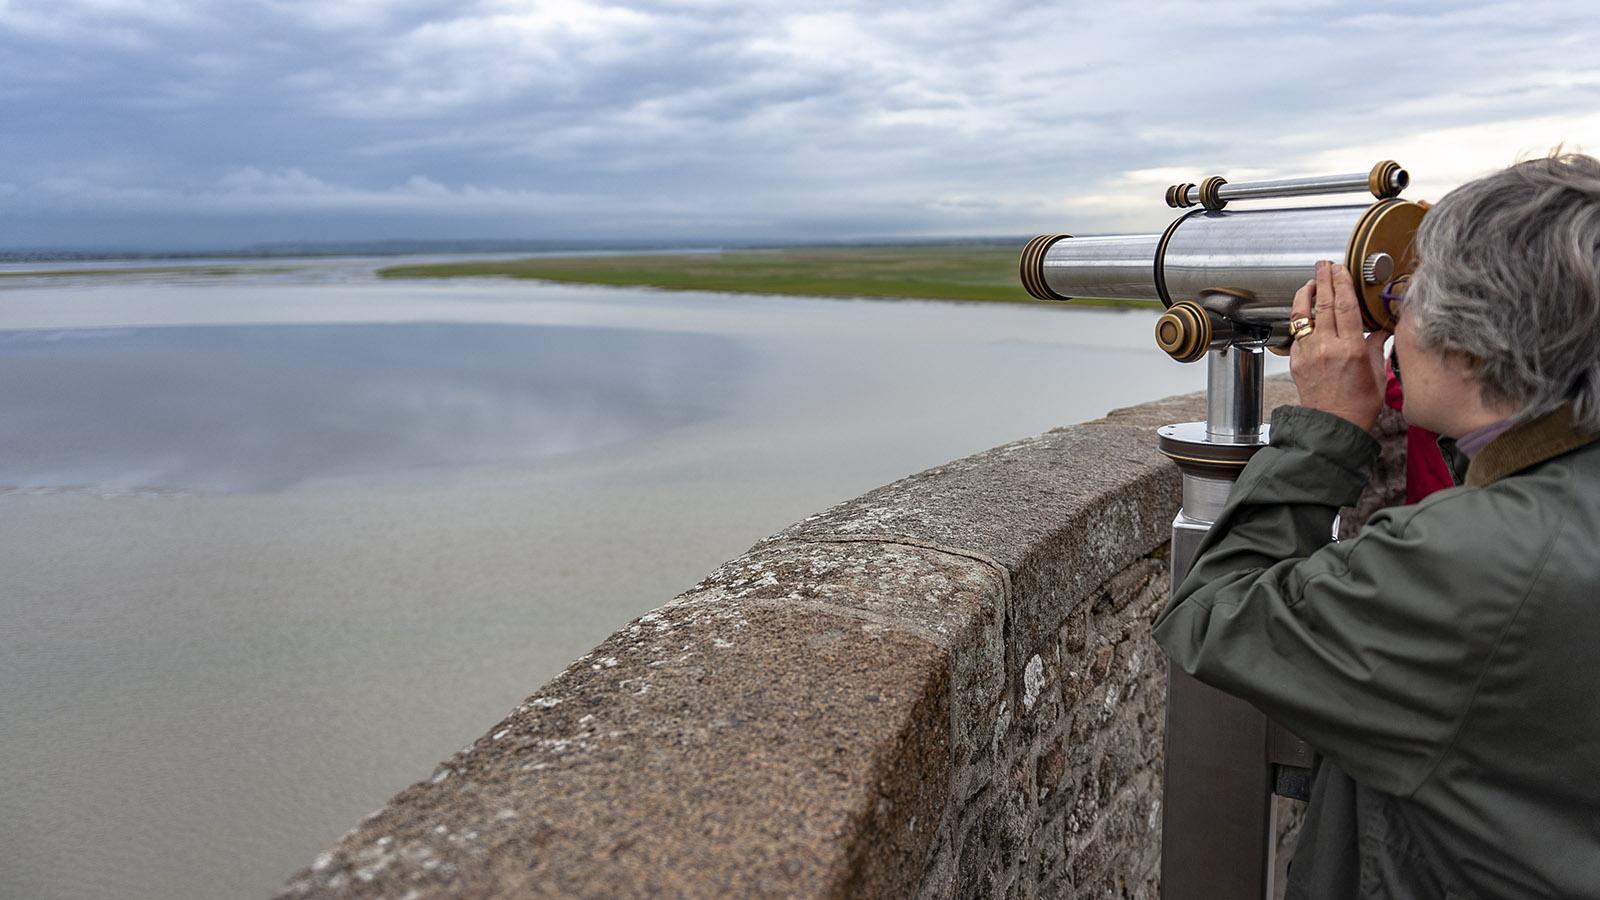 Mont-Saint-Michel: Hier und da sind Ferngläser aufgestellt, um die Küste und das Meer näher zu holen. Foto: Hilke Maunder